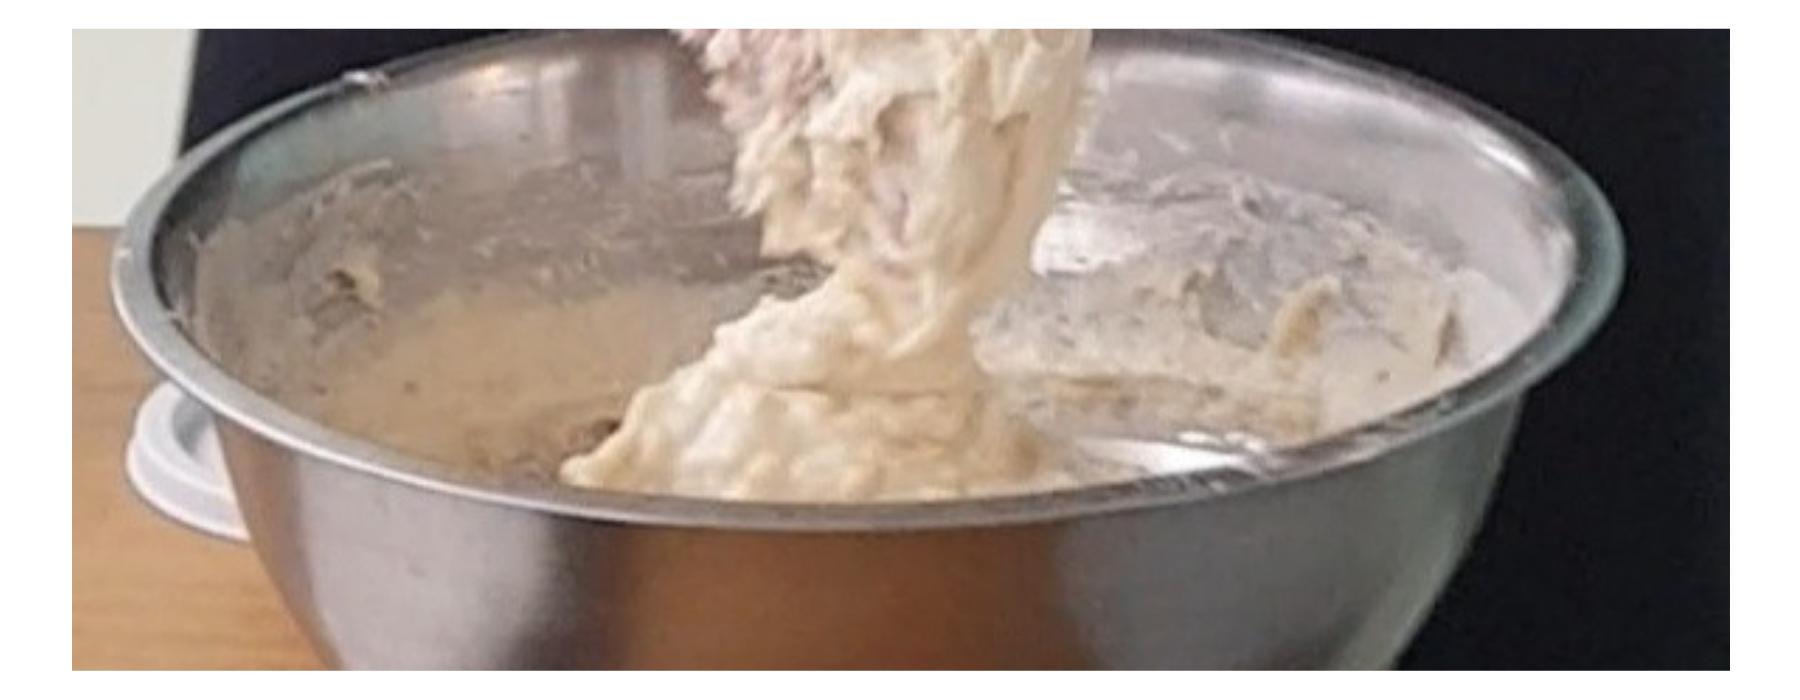 тісто для хачапурі